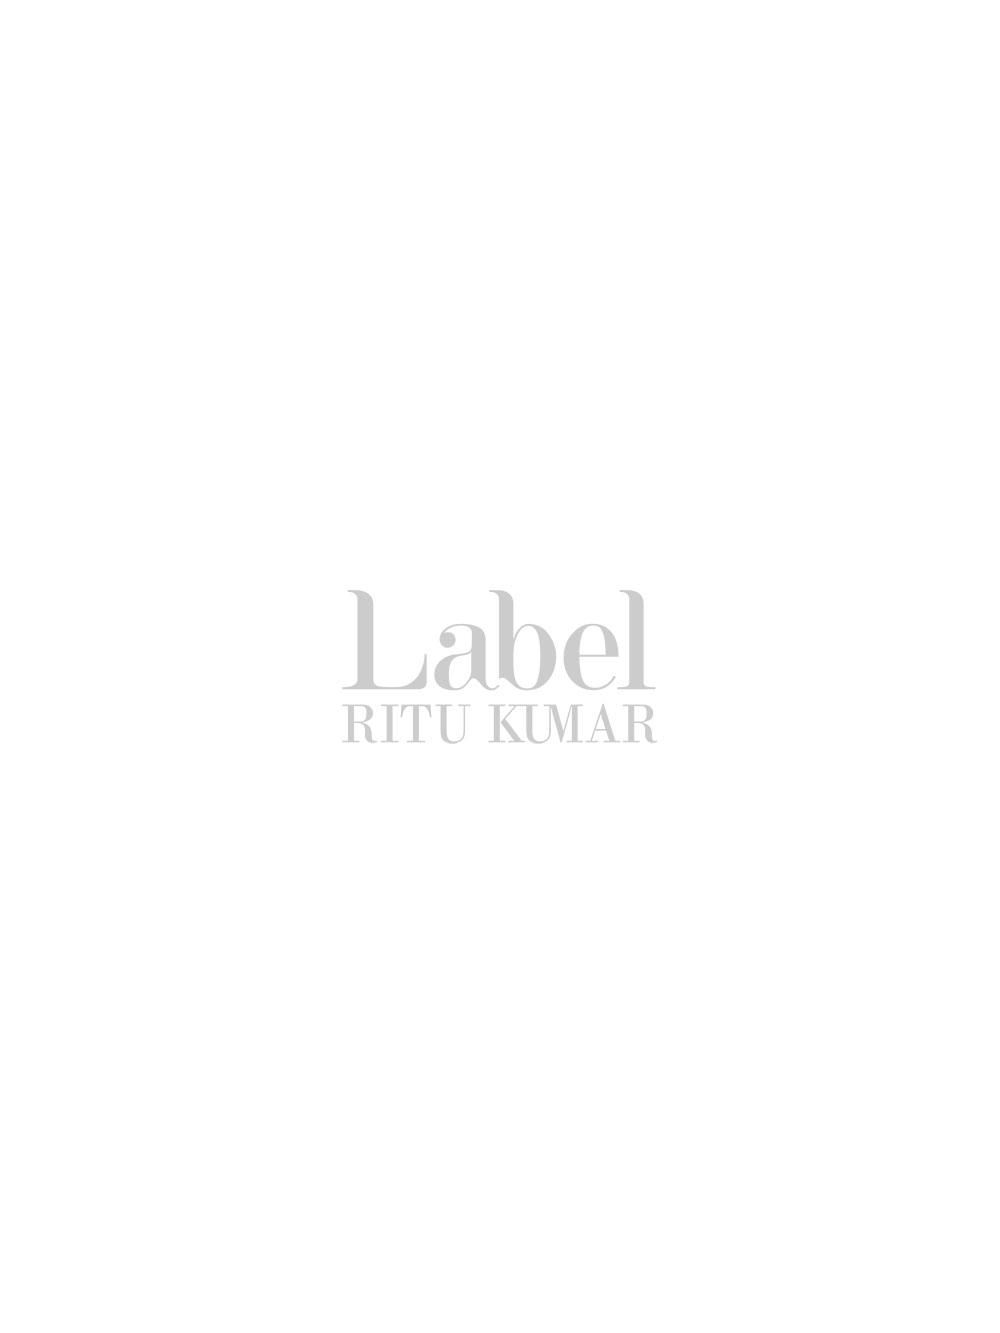 Peach Knee Length Kaftan Dress With Signature Label Ritu Kumar Jodhpur Prints